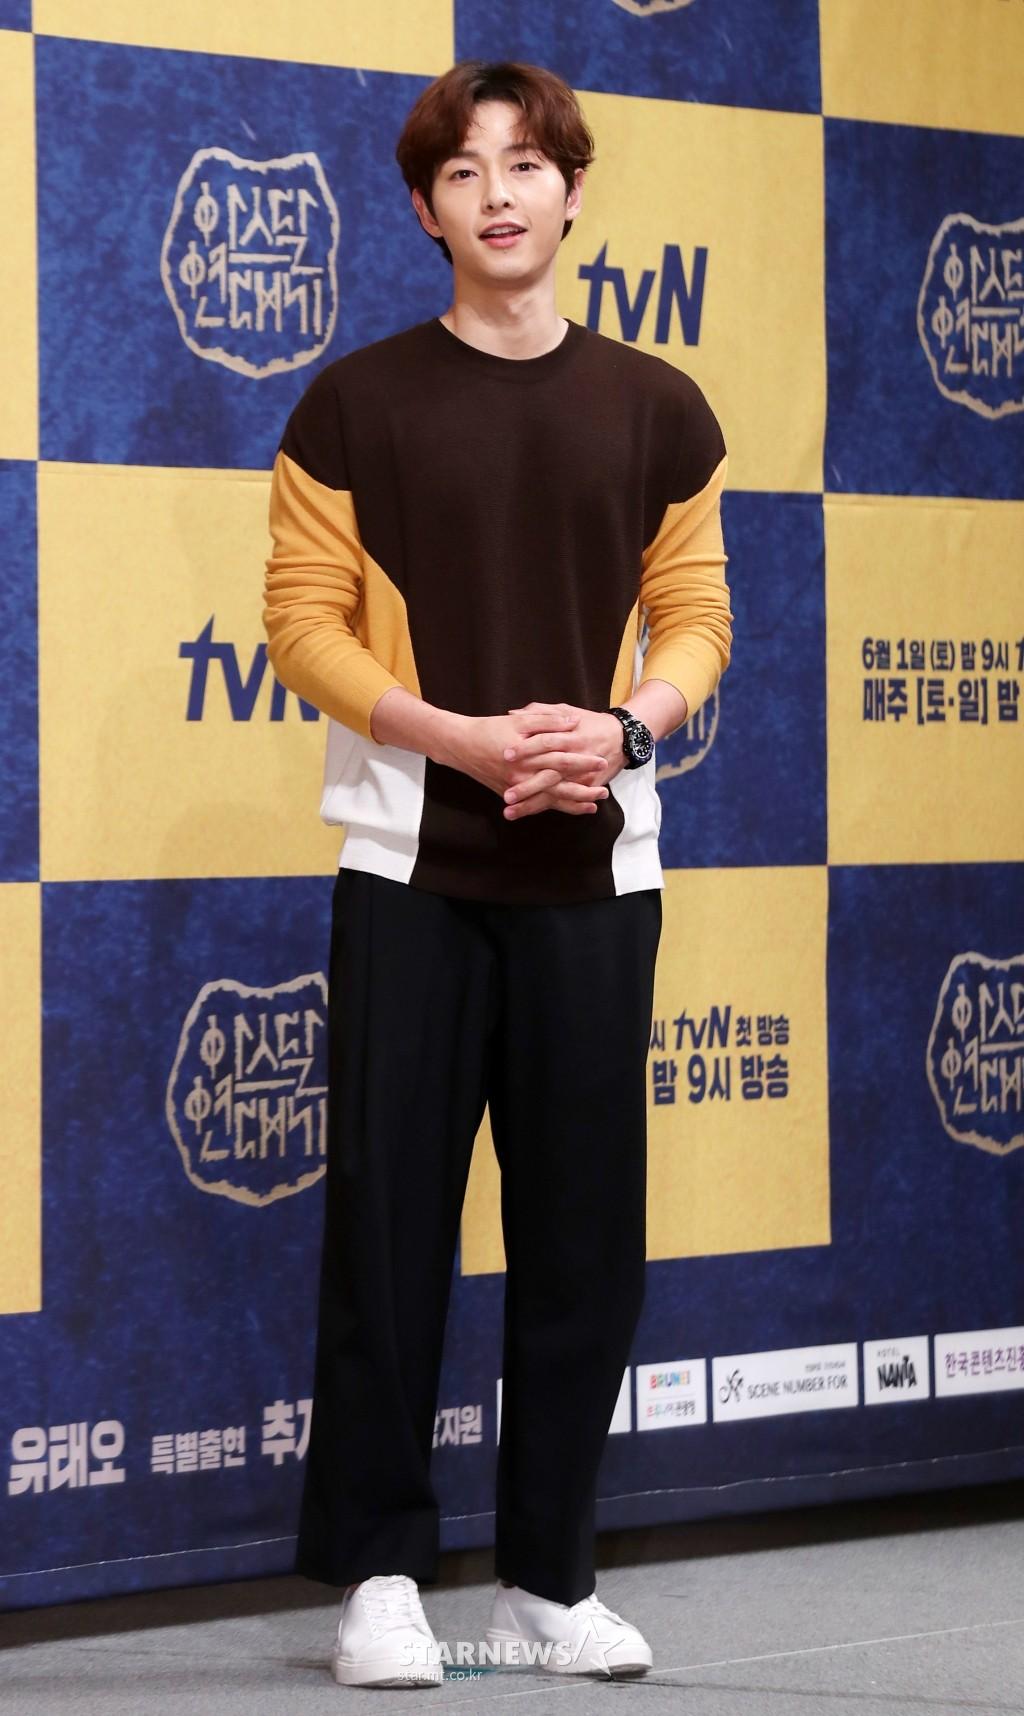 Ơn giời! Song Joong Ki cuối cùng đã kể về vợ sau tin đồn ly hôn, tiết lộ cách cô động viên anh suốt thời gian qua - Ảnh 3.